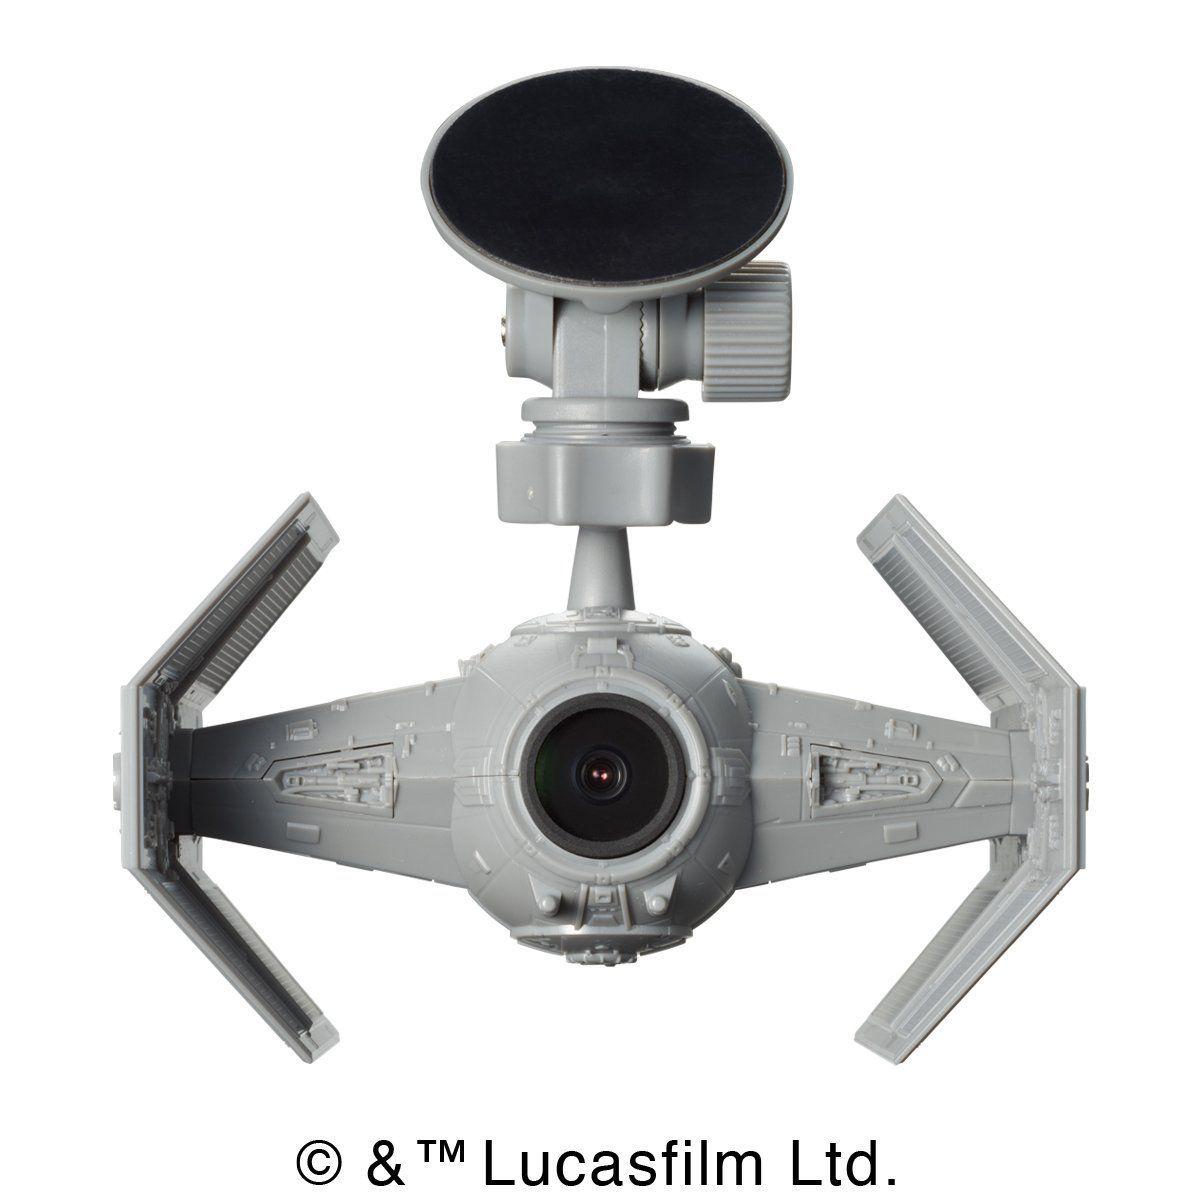 【限定販売】スター・ウォーズ『スターウォーズ ドライブレコーダー SW-MS01』カー用品-005